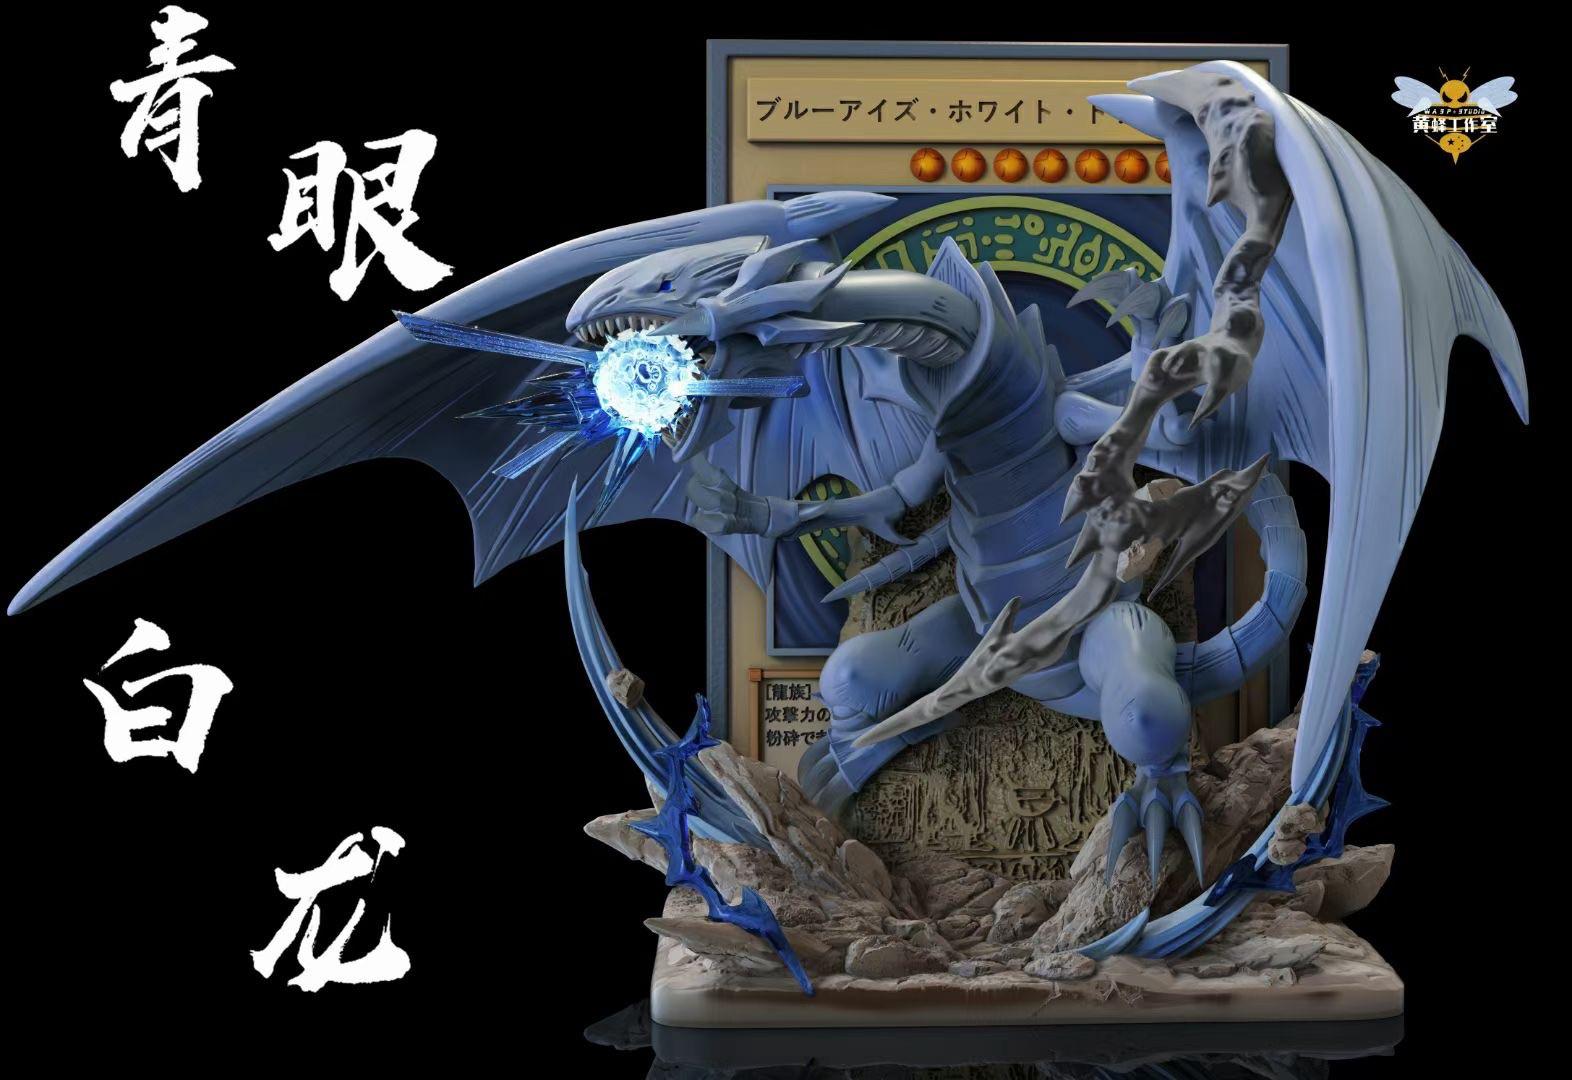 Blue Eye White Dragon  Wasp Studio (มัดจำ) [[SOLD OUT]]